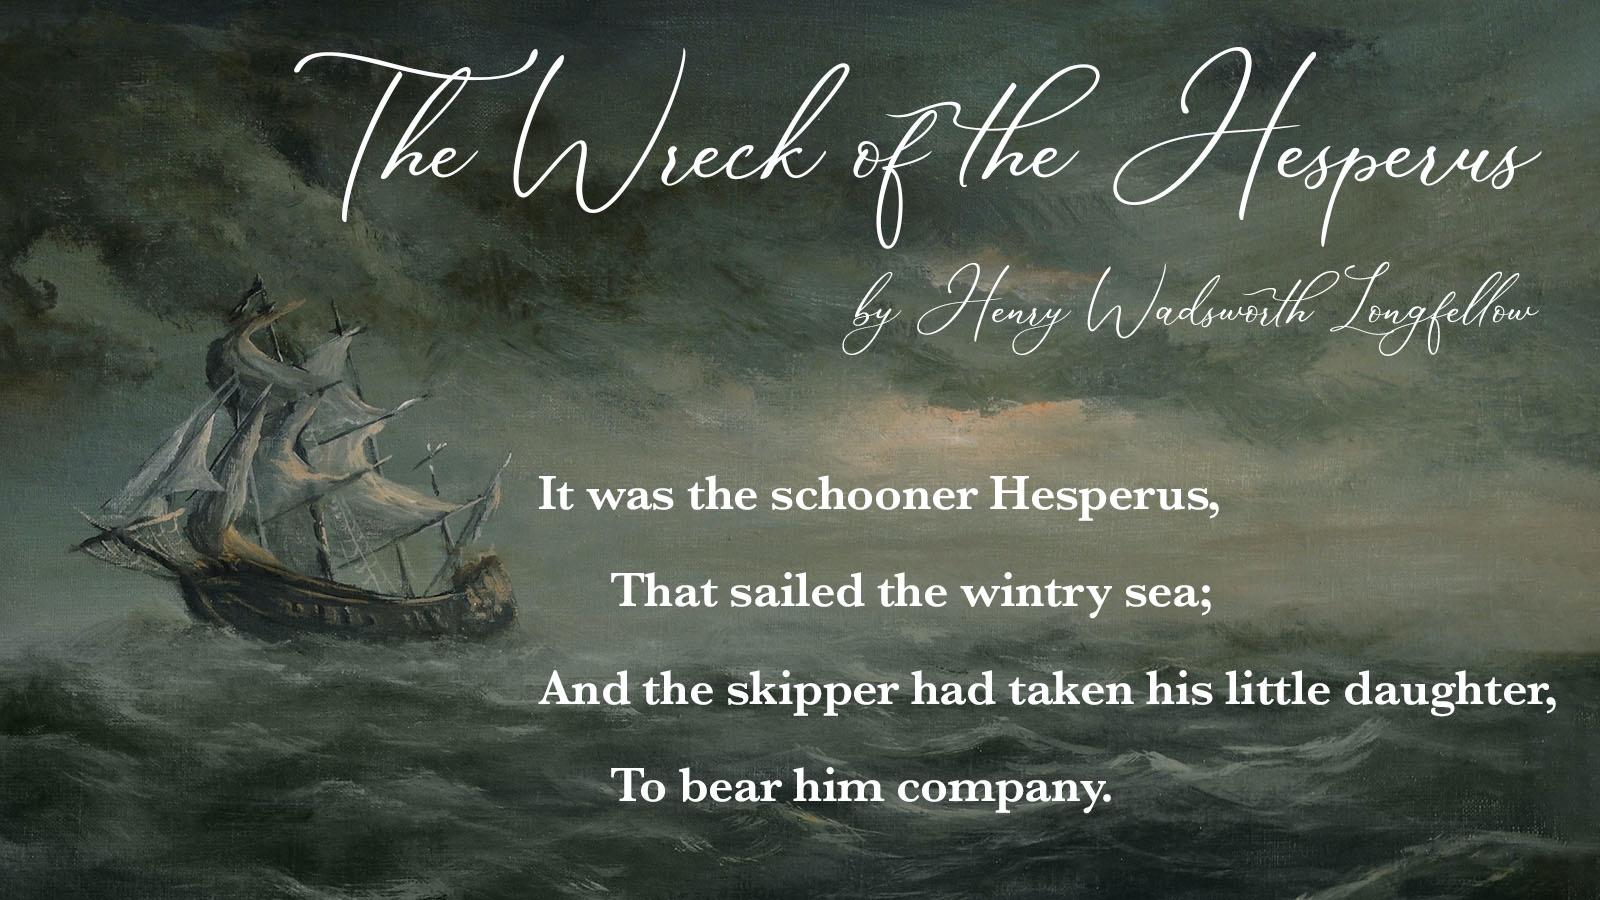 quatrain example The Wreck of the Hesperus